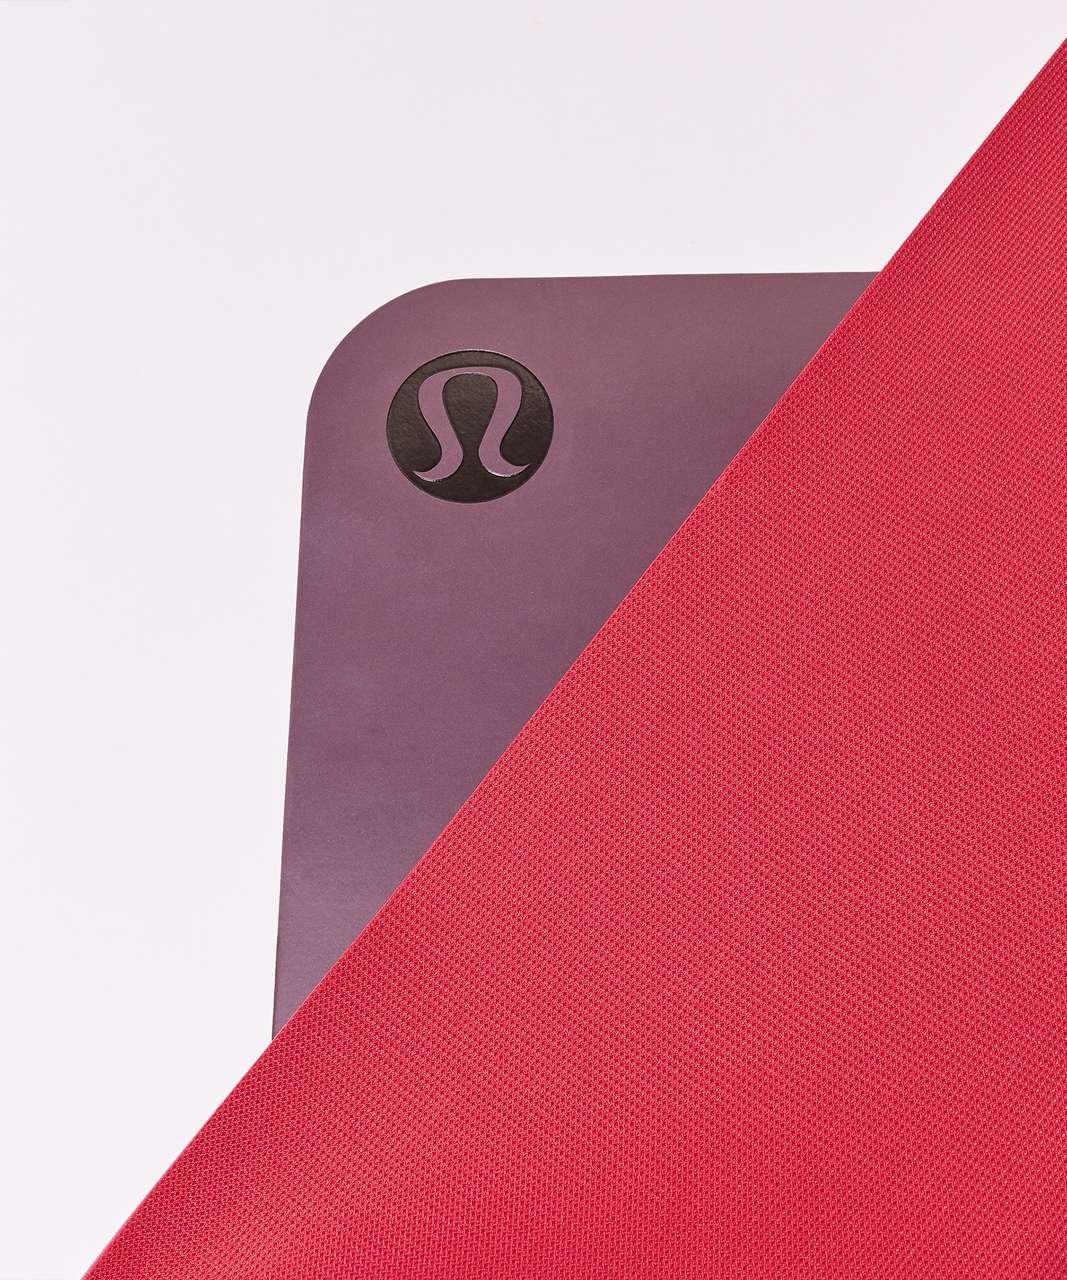 Lululemon The Reversible Mat 3mm Dark Adobe Ruby Red